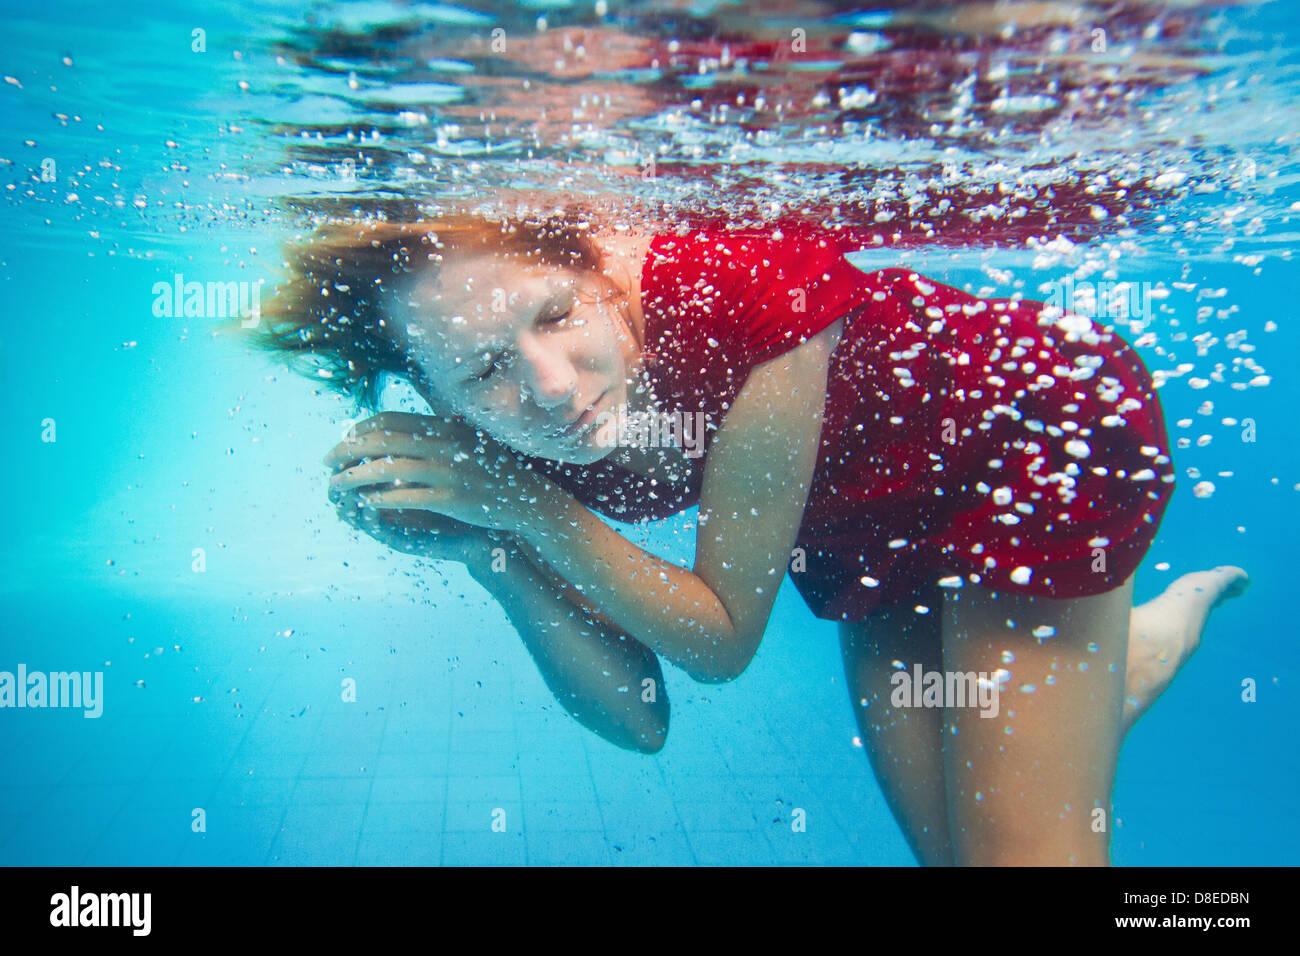 La imaginación, submarino retrato de mujer en el vestido rojo Imagen De Stock